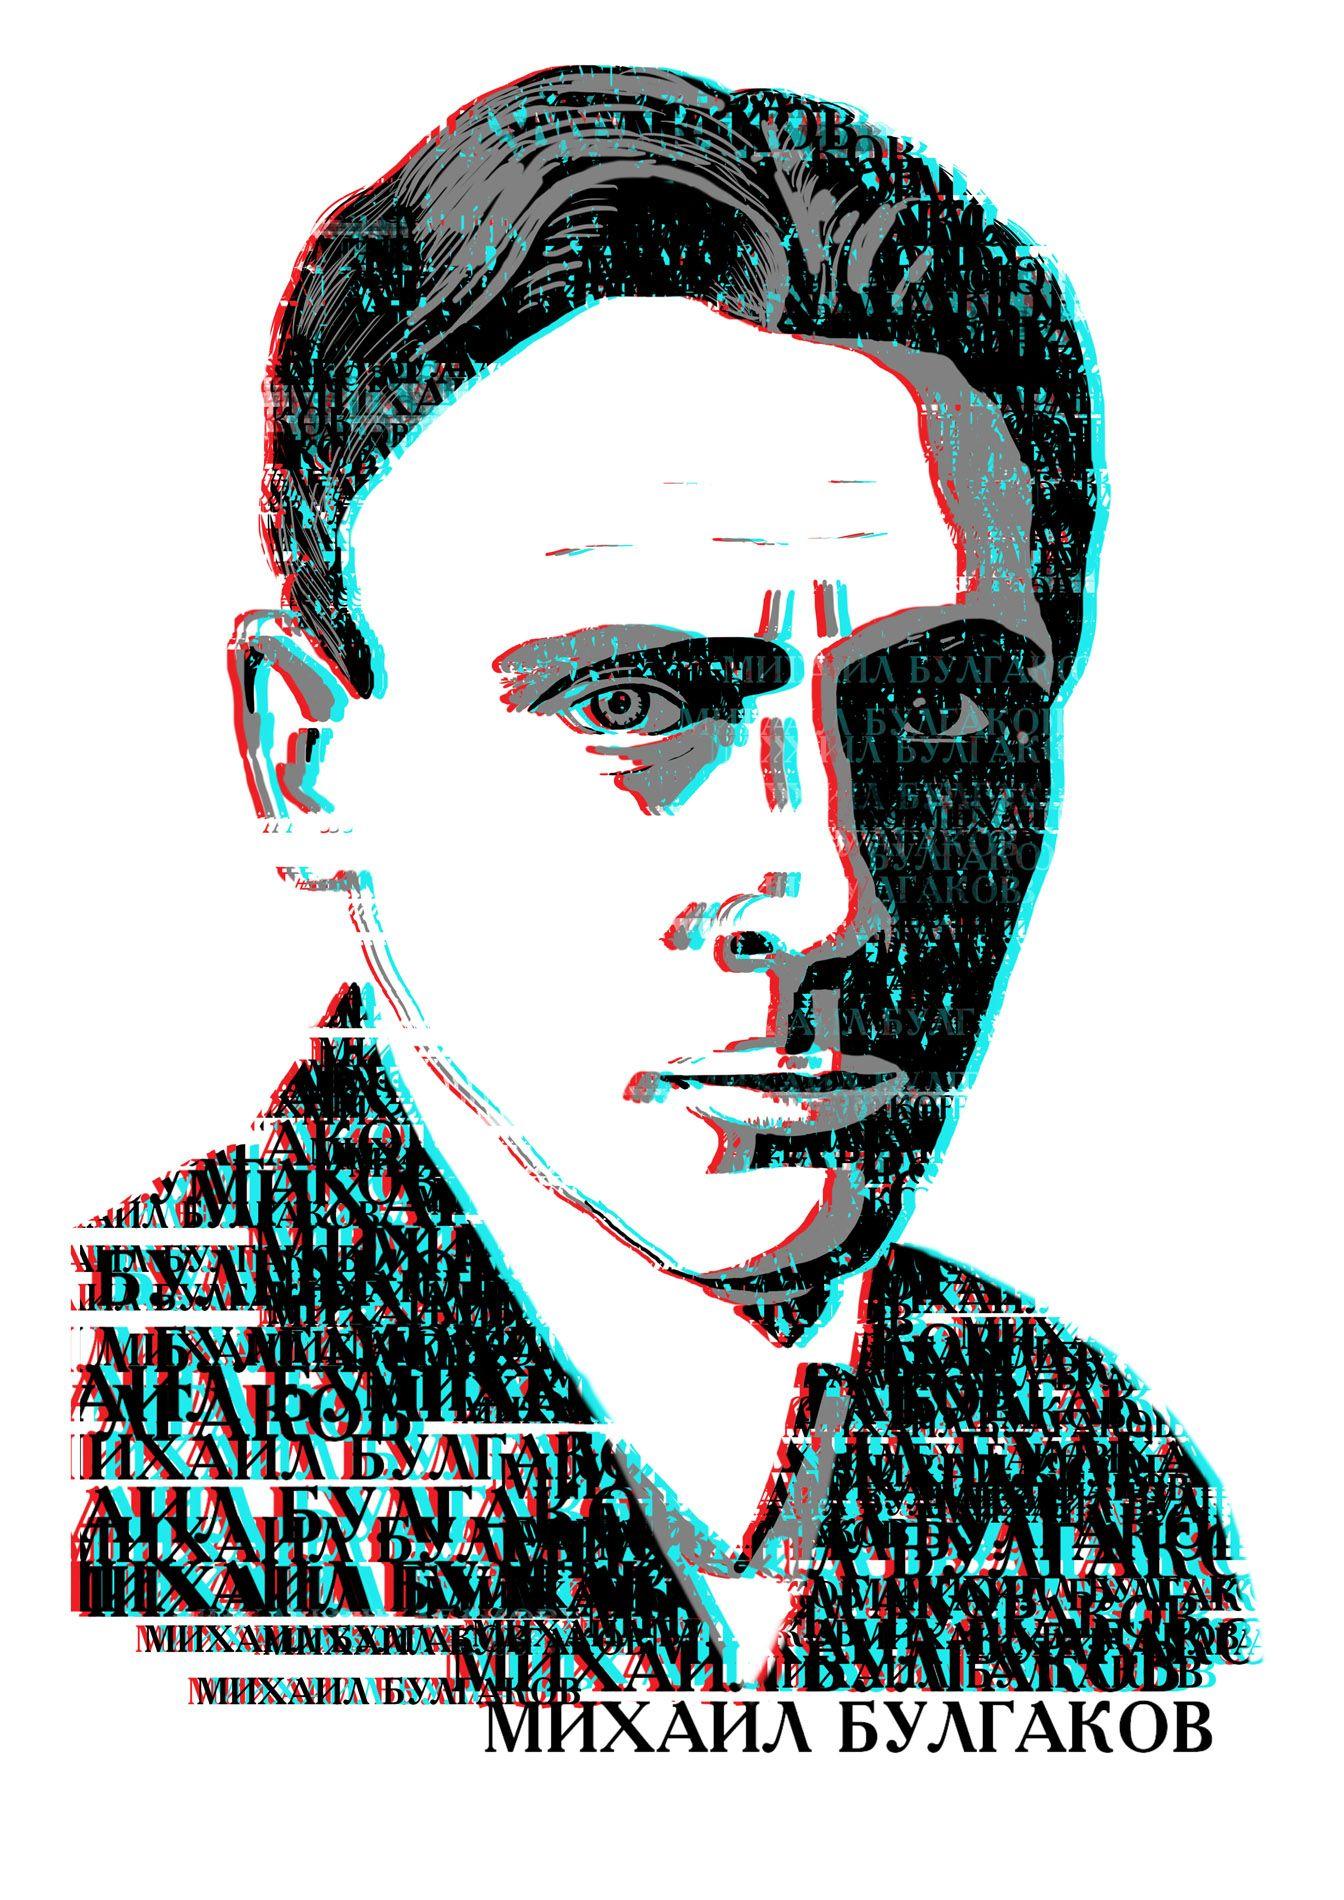 Плакат-портрет Михаила Булгакова - дизайнер olenyonok